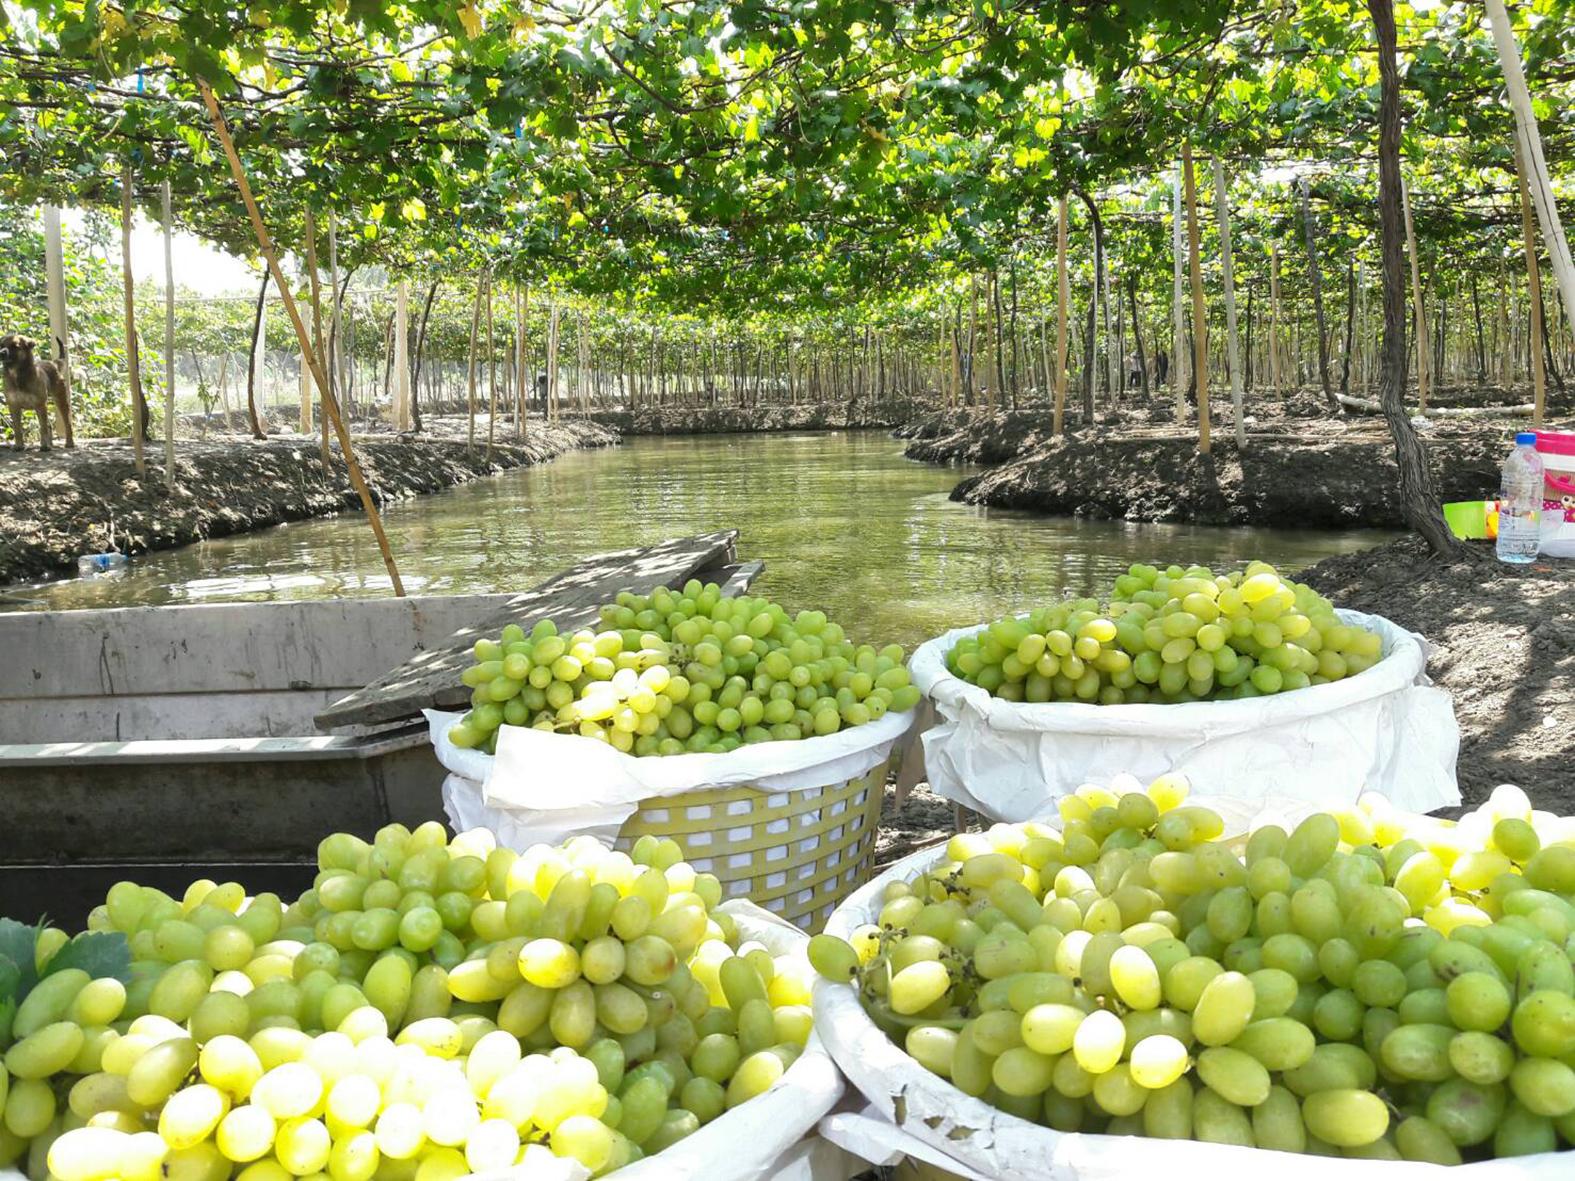 ชาวสวนองุ่นวอนภาครัฐช่วย ส่งออกไม่ได้ติดโควิด องุ่นค้างในสวนกว่า 2 พันตัน